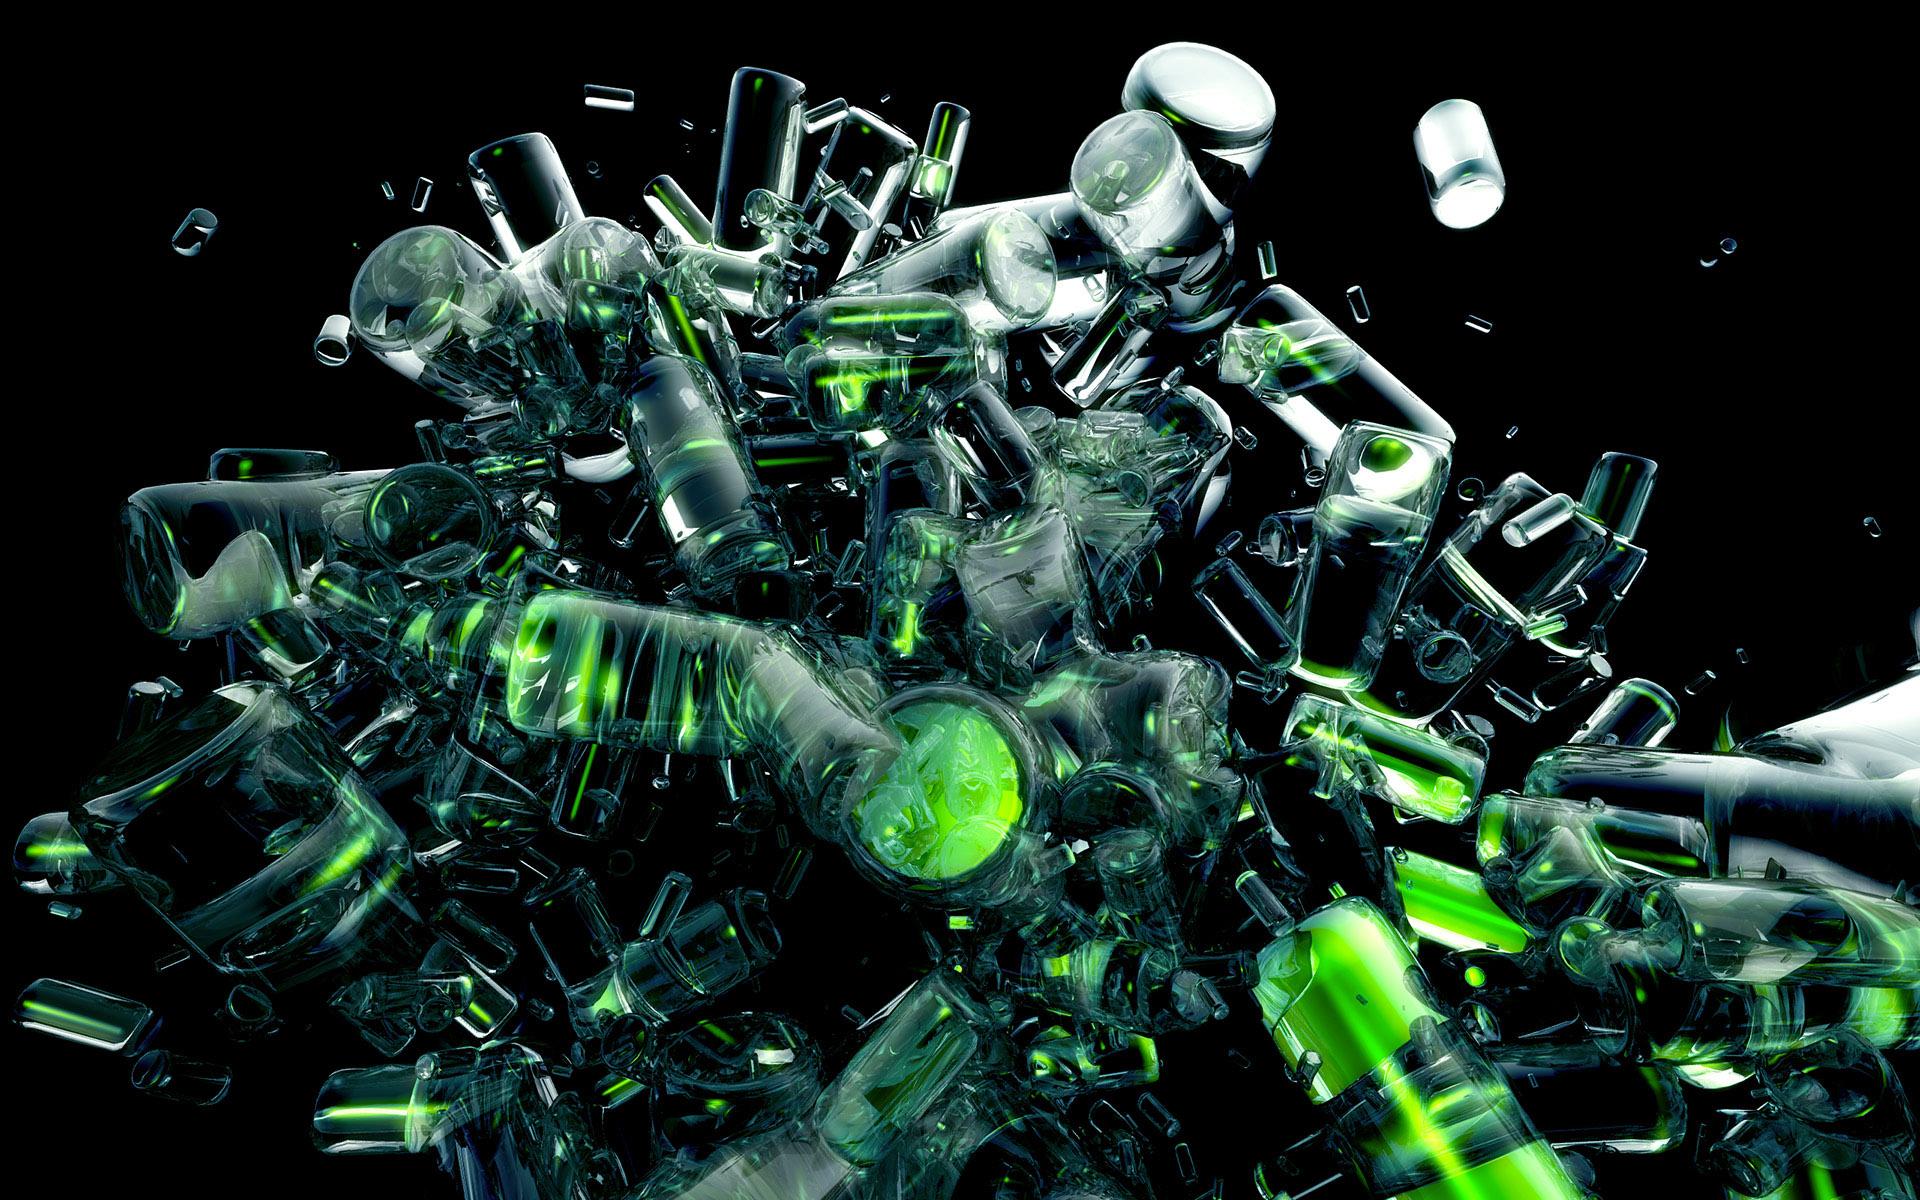 Abstract 3D Wallpaper 22   3D Photography Desktop Wallpapers 38813 1920x1200